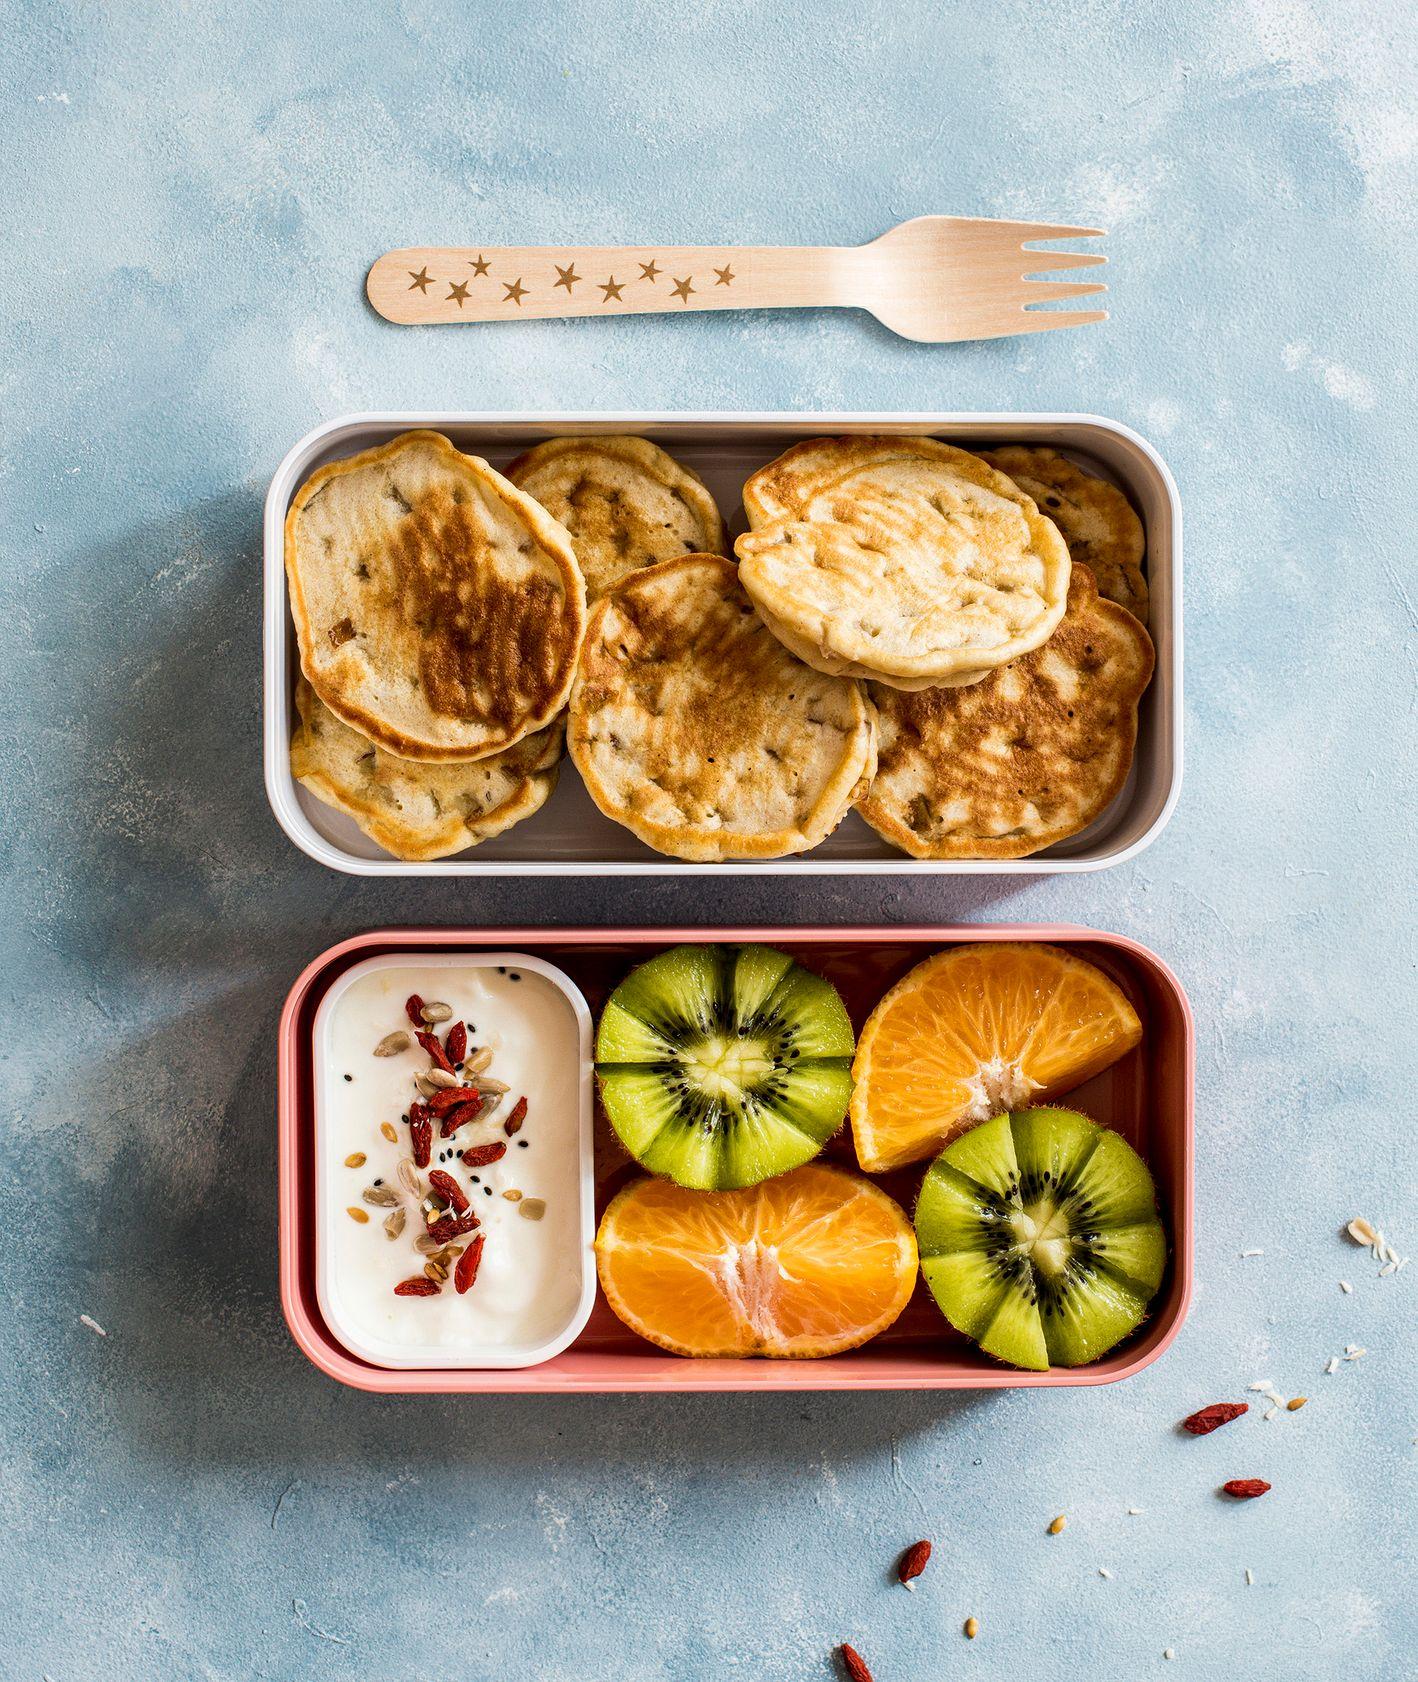 Przepis z ksiażki Lunchbox na każdy dzień (fot. materiały prasowe)